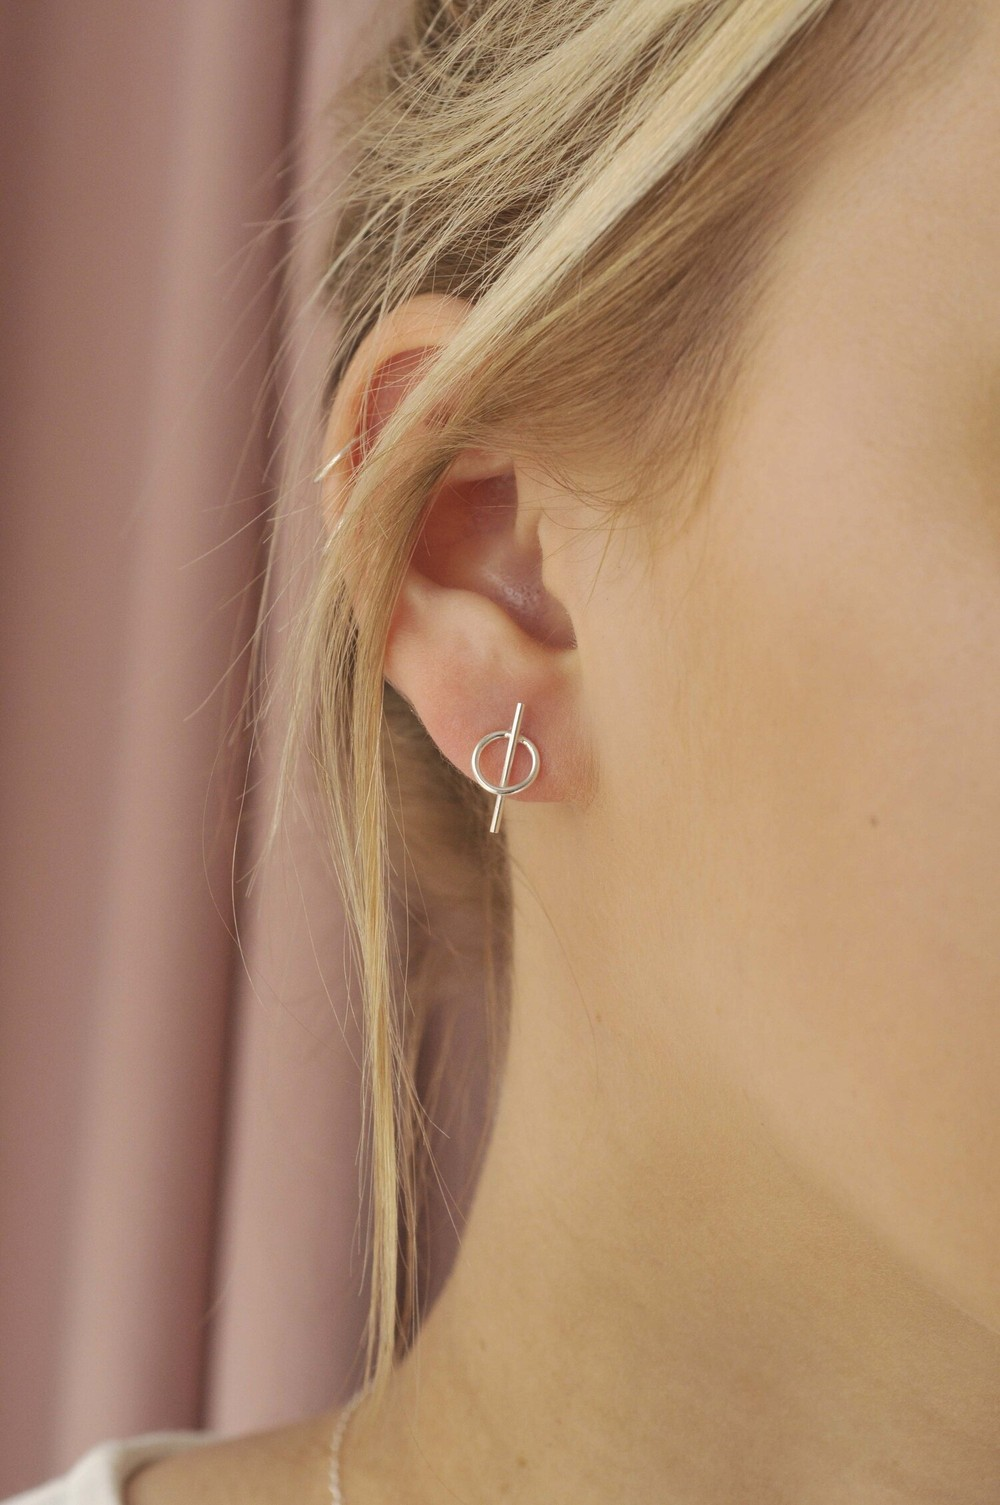 Boucles d'oreilles en argent recyclé - intersected circle - Wild fawn